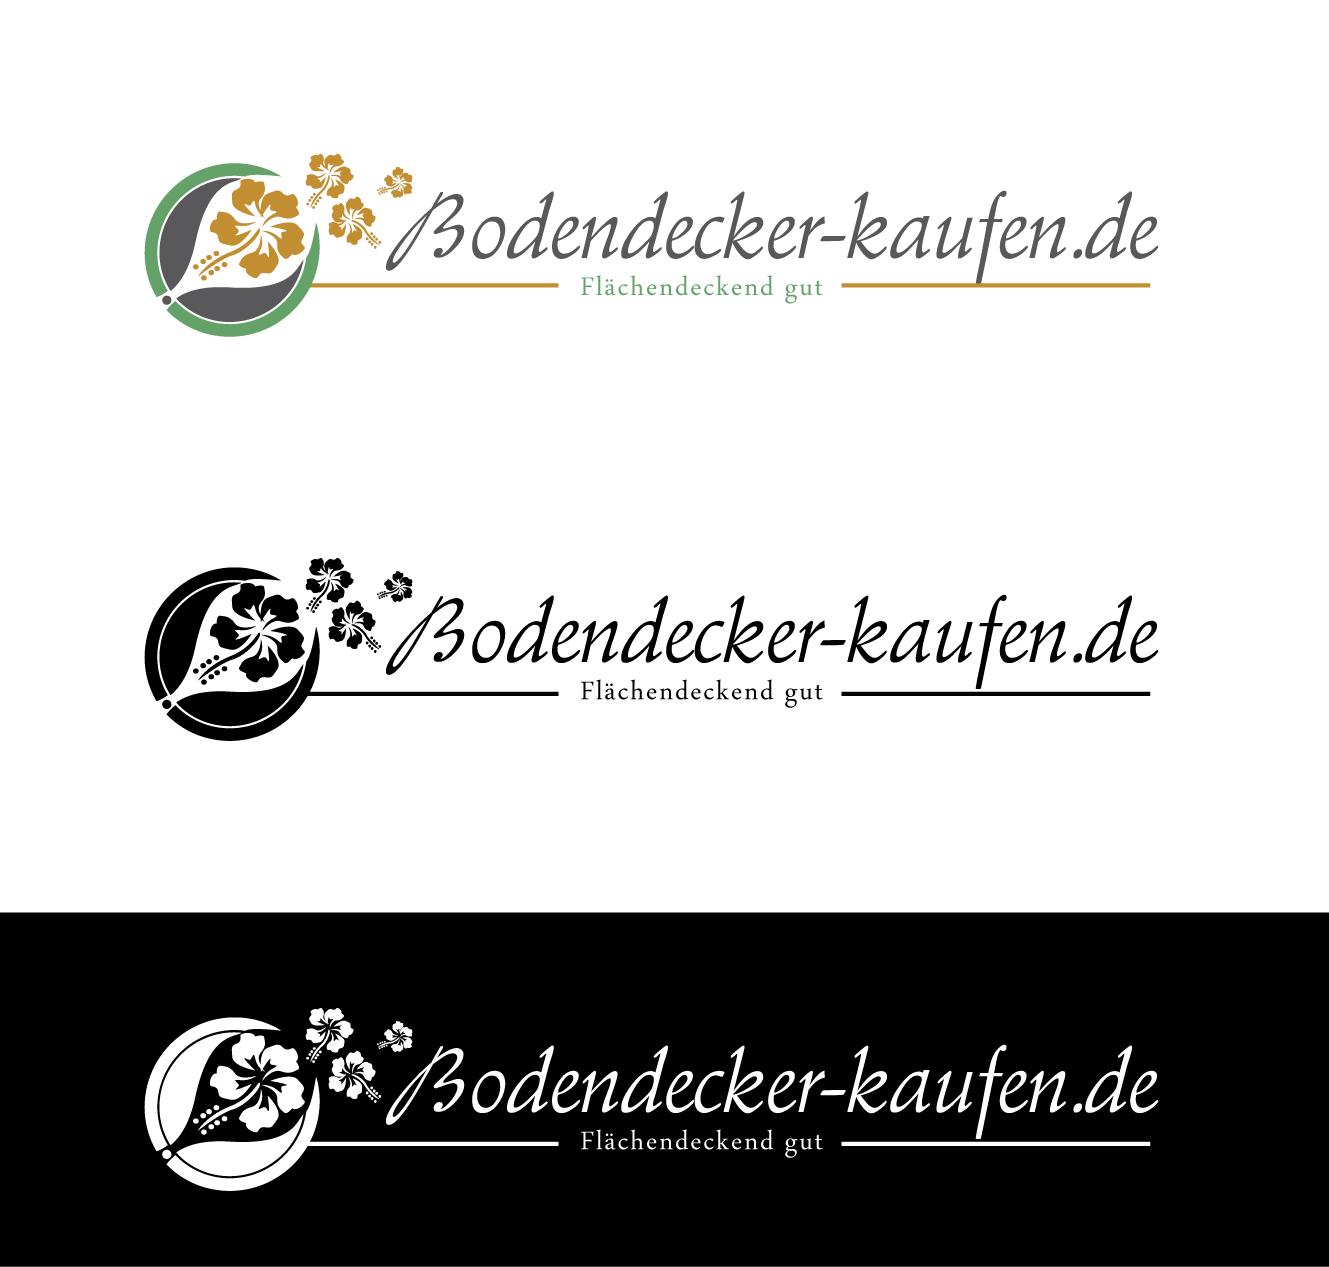 Design #79 von Poerke